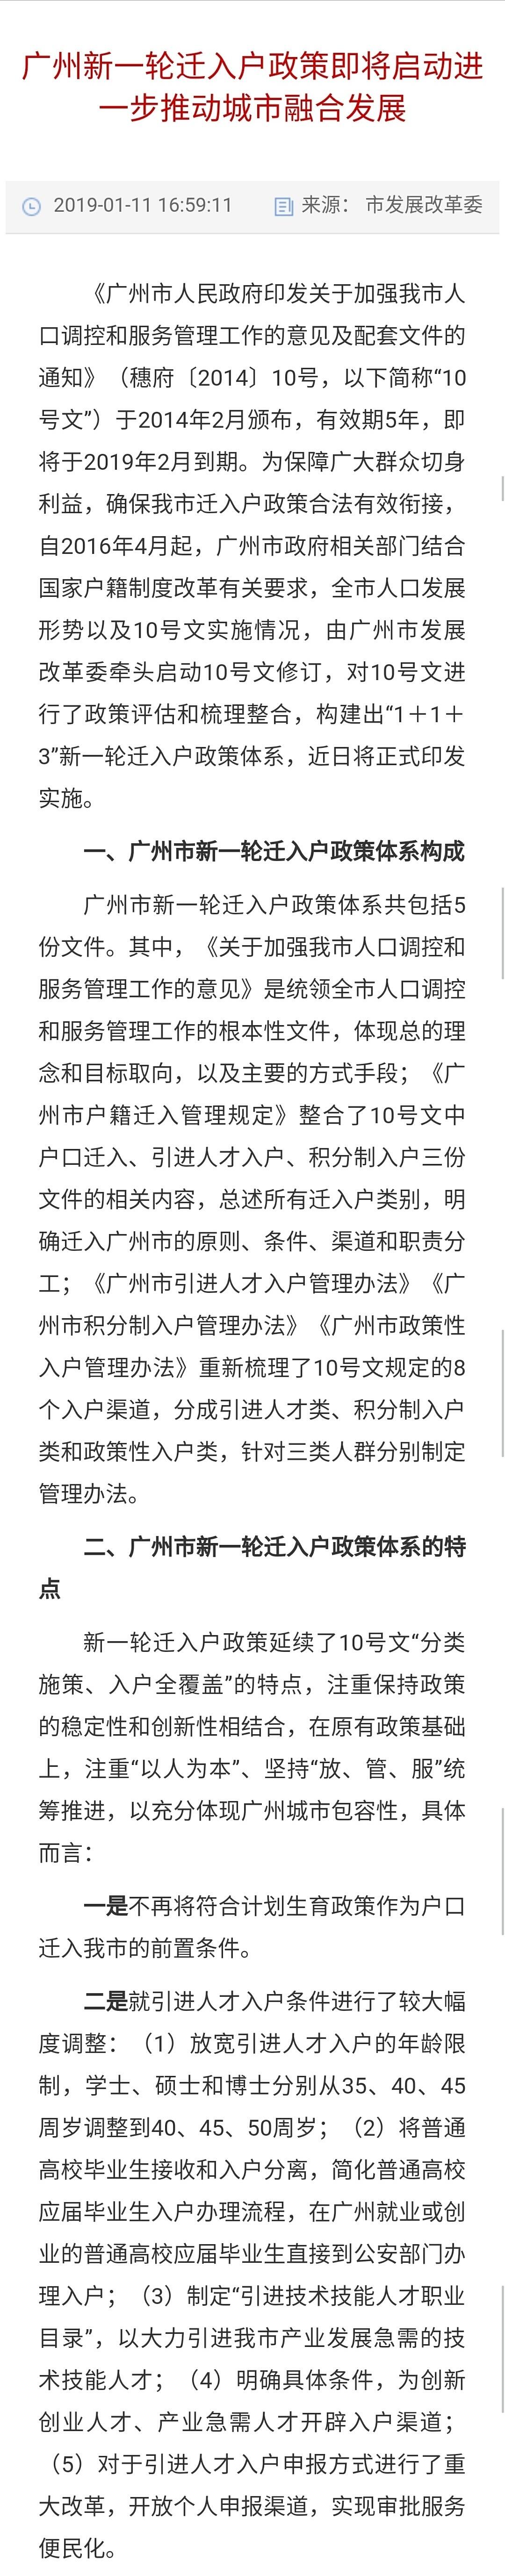 廣州大幅放松入戶政策,樓市再現重磅利好_三大重磅消息利好樓市周末隆重加推